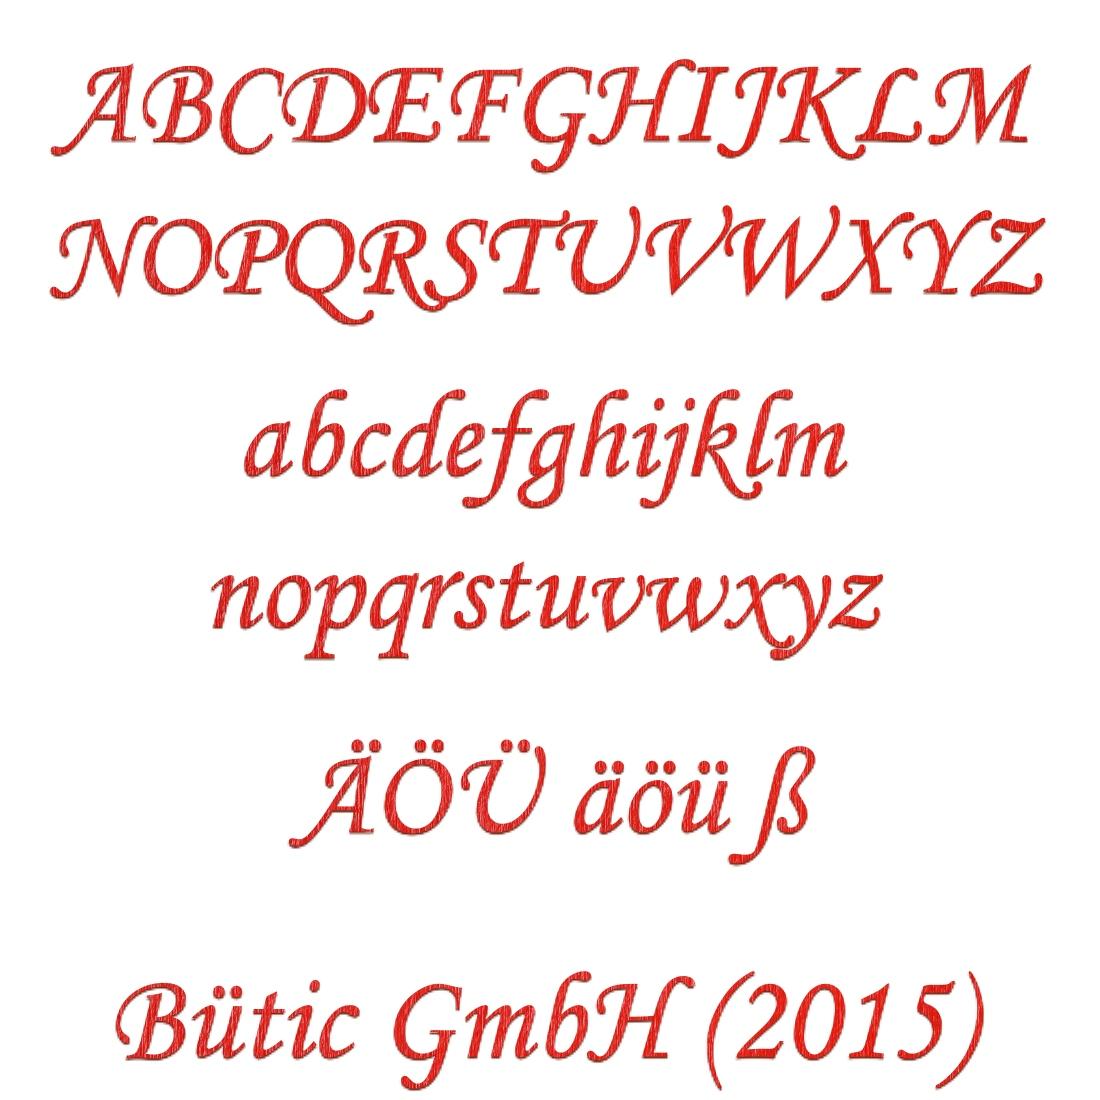 sperrholz buchstaben rot mt5 20 wunschtext schriftzug mit gr enauswahl. Black Bedroom Furniture Sets. Home Design Ideas